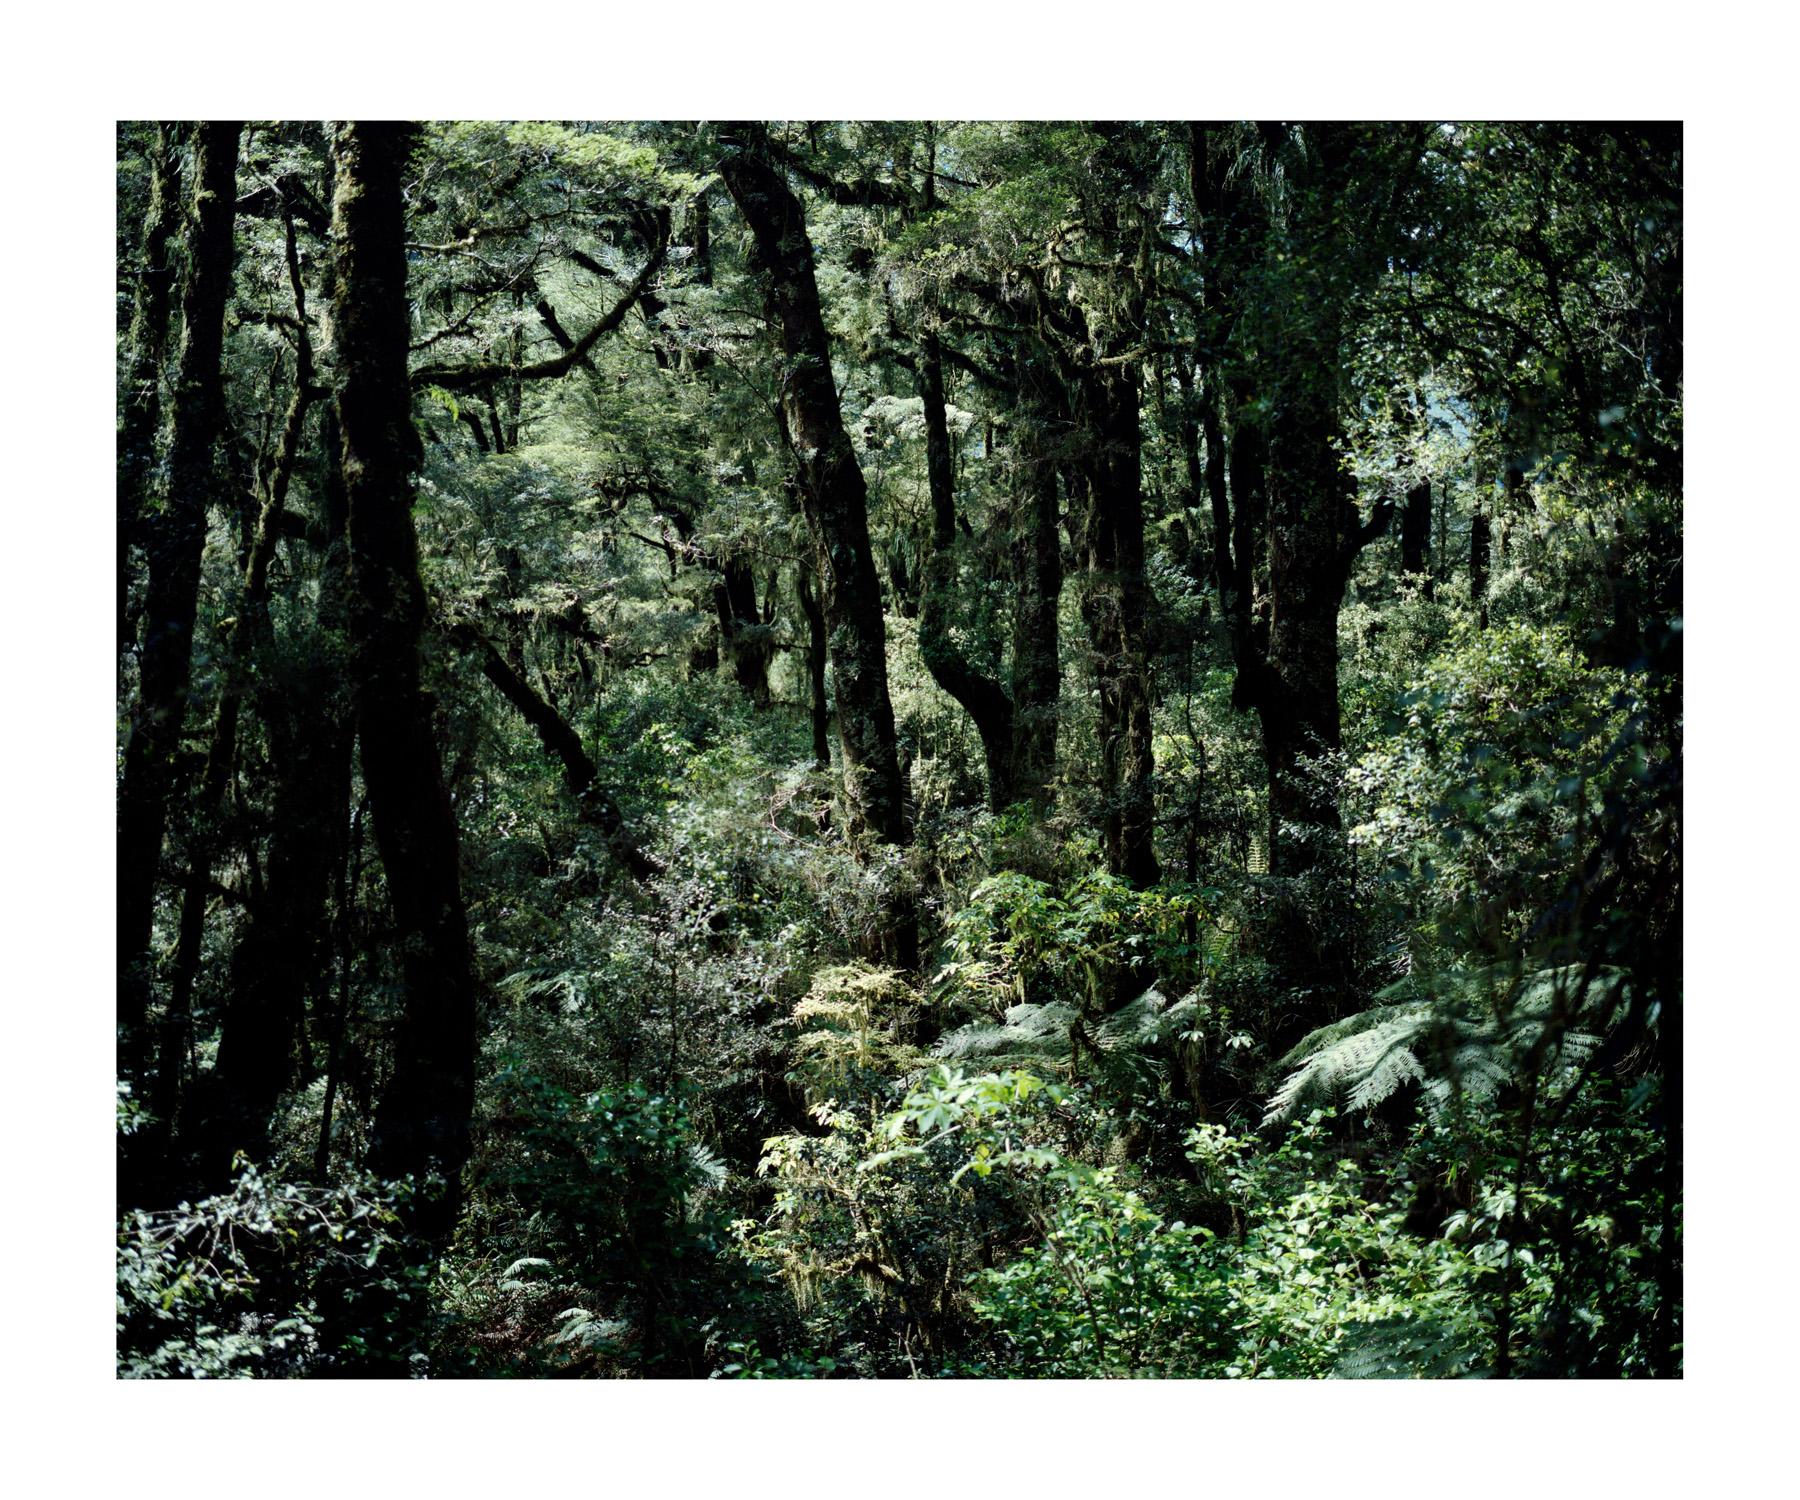 NZ_WEB_009.jpg